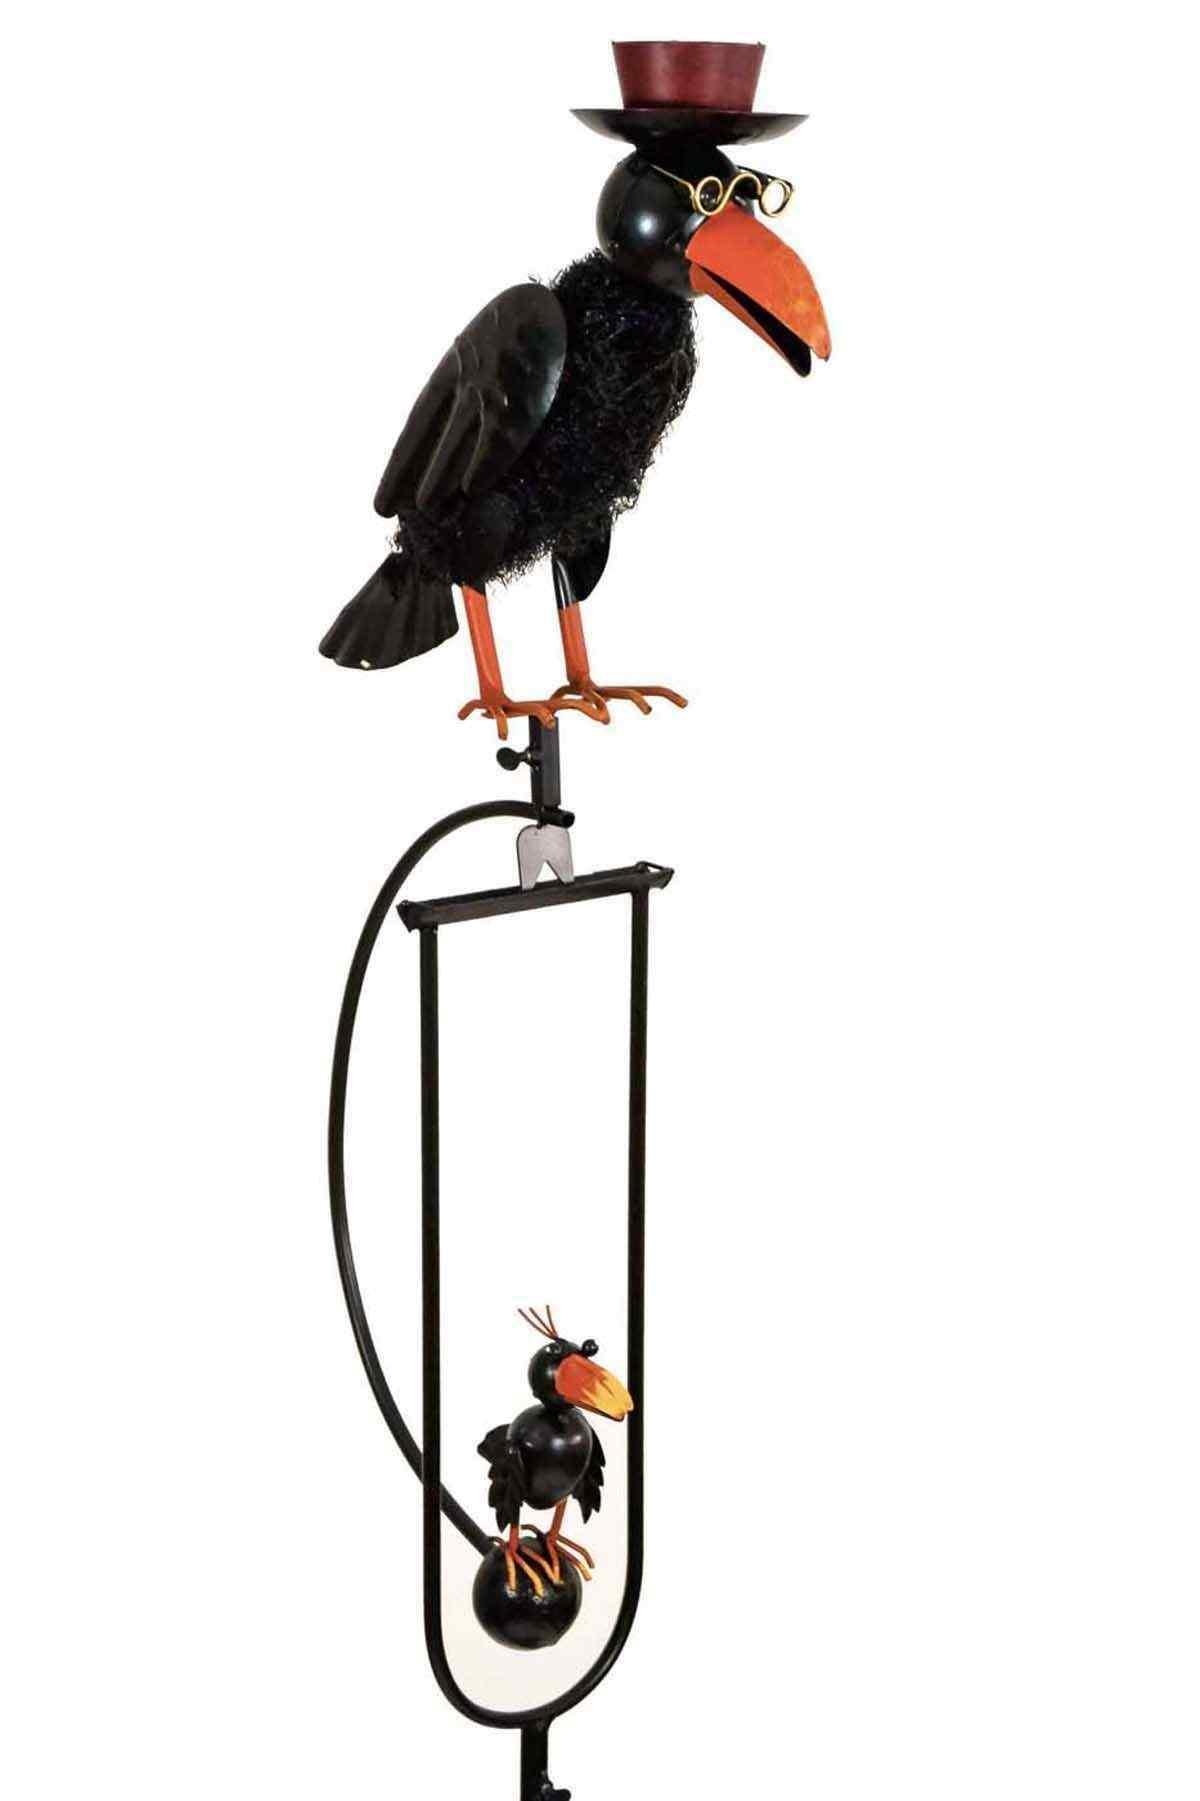 Rocking Balancing Black Dad Amp Baby Crow Metal Garden Wind